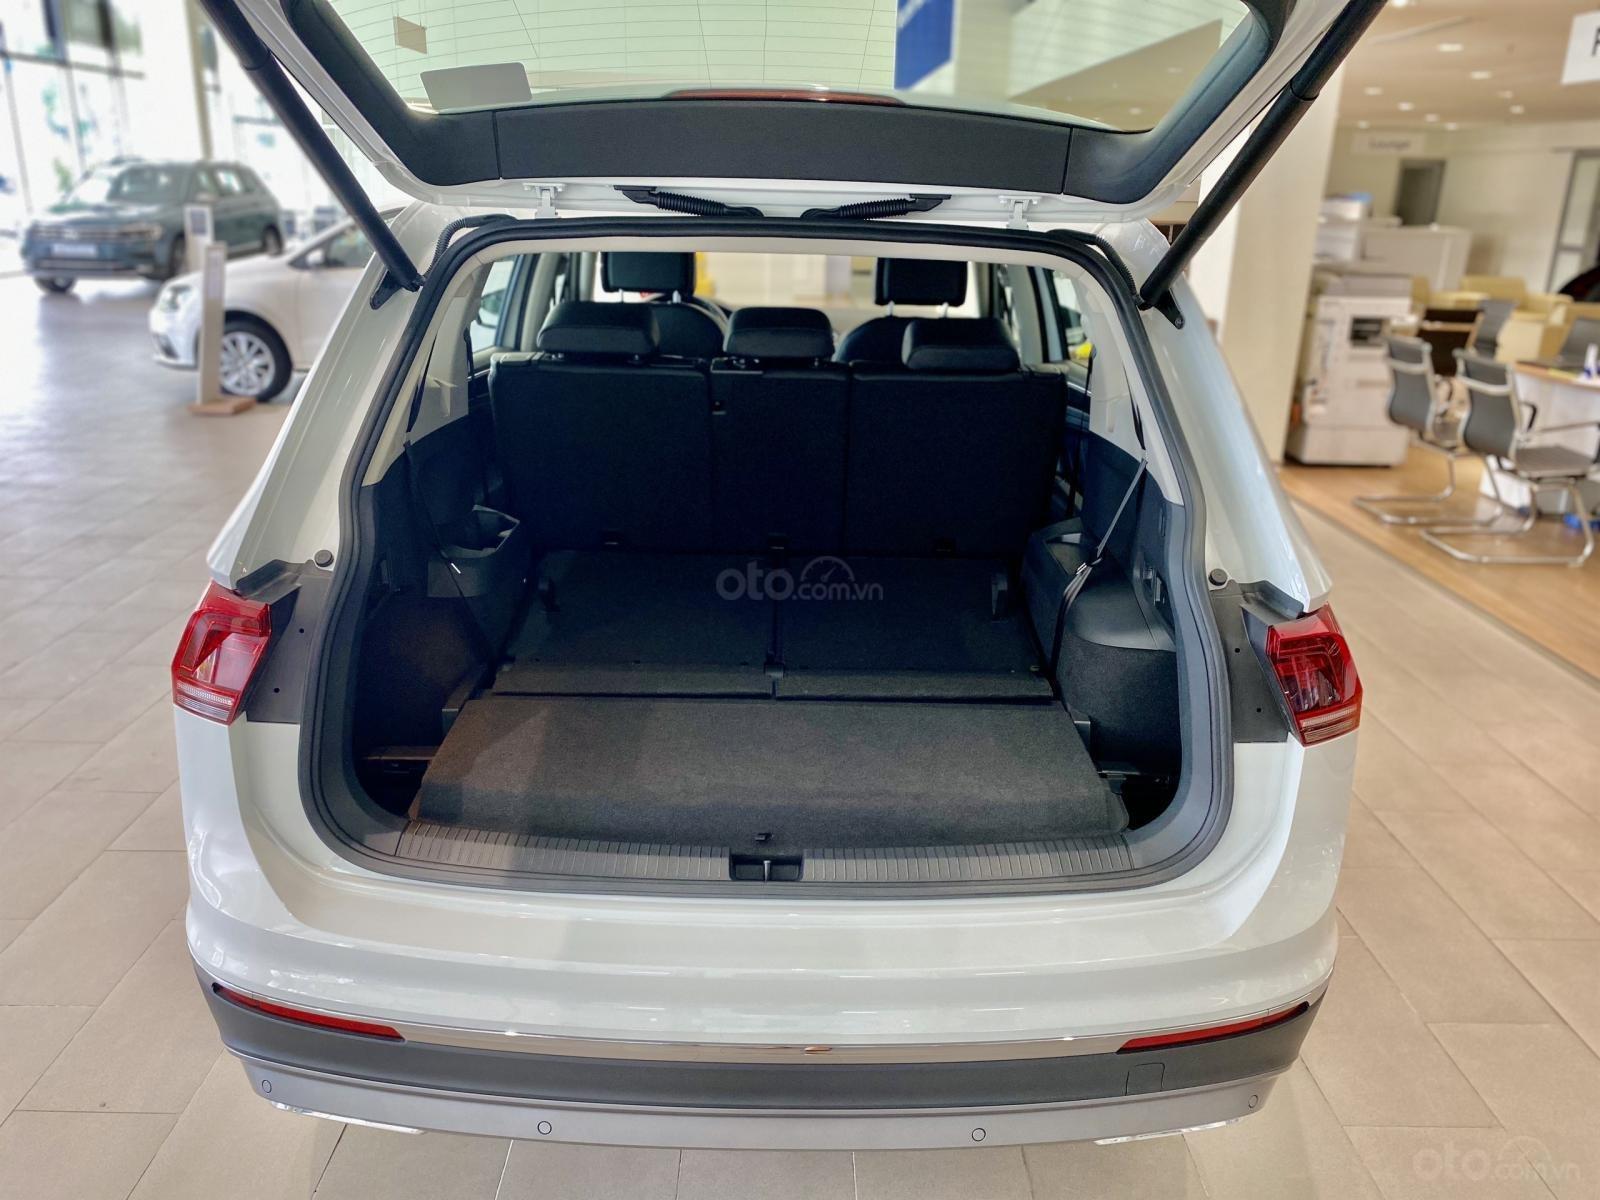 Volkswagen Tiguan Luxury Topline màu trắng, nâng cấp sang trọng - SUV 7 chỗ nhập khẩu - KM tháng ngâu lên đến 170 triệu (5)